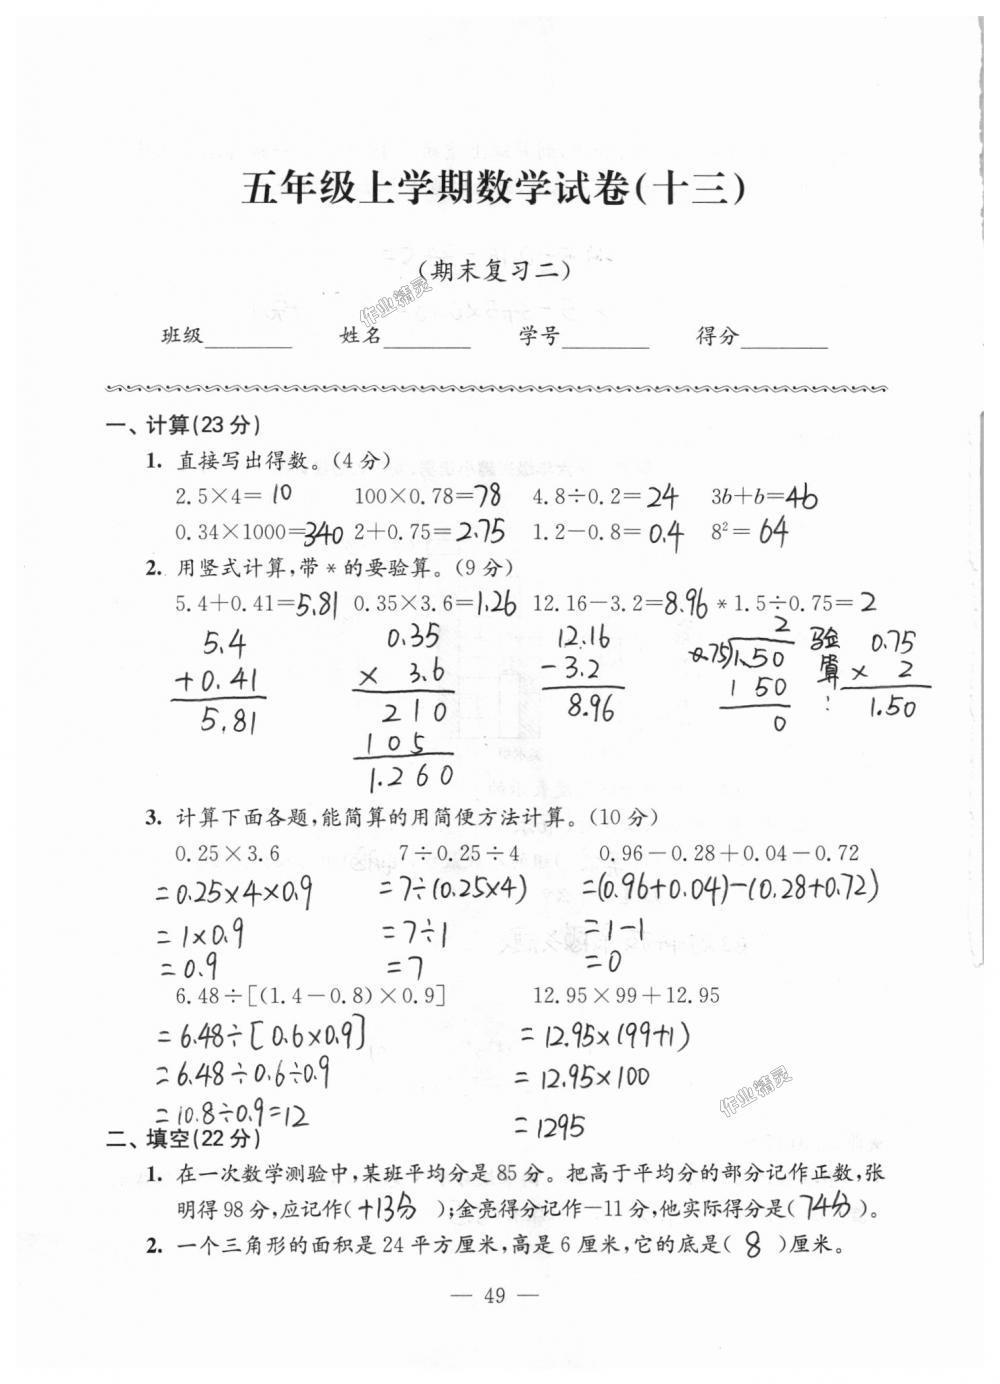 2018年练习与测试检测卷五年级数学上册苏教版第49页